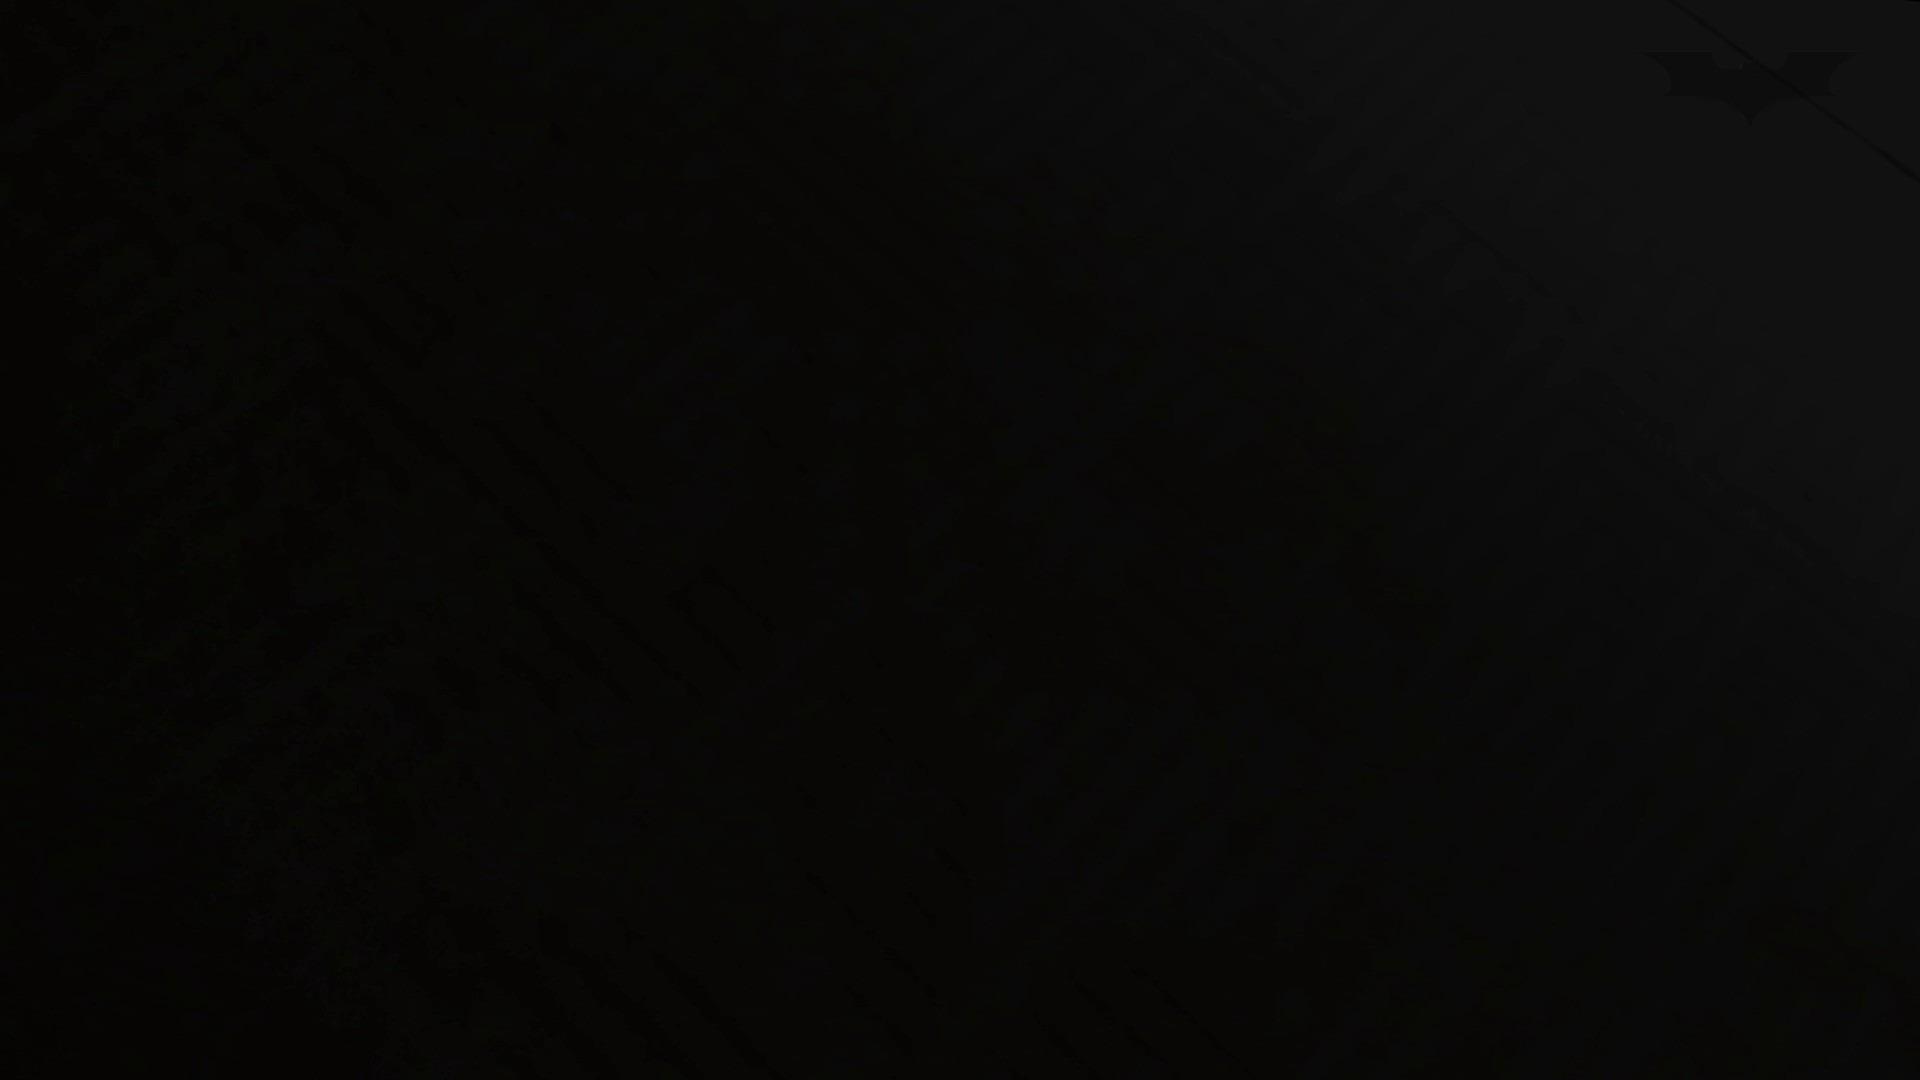 芸術大学ガチ潜入盗撮 JD盗撮 美女の洗面所の秘密 Vol.108 潜入 おまんこ動画流出 95pic 70